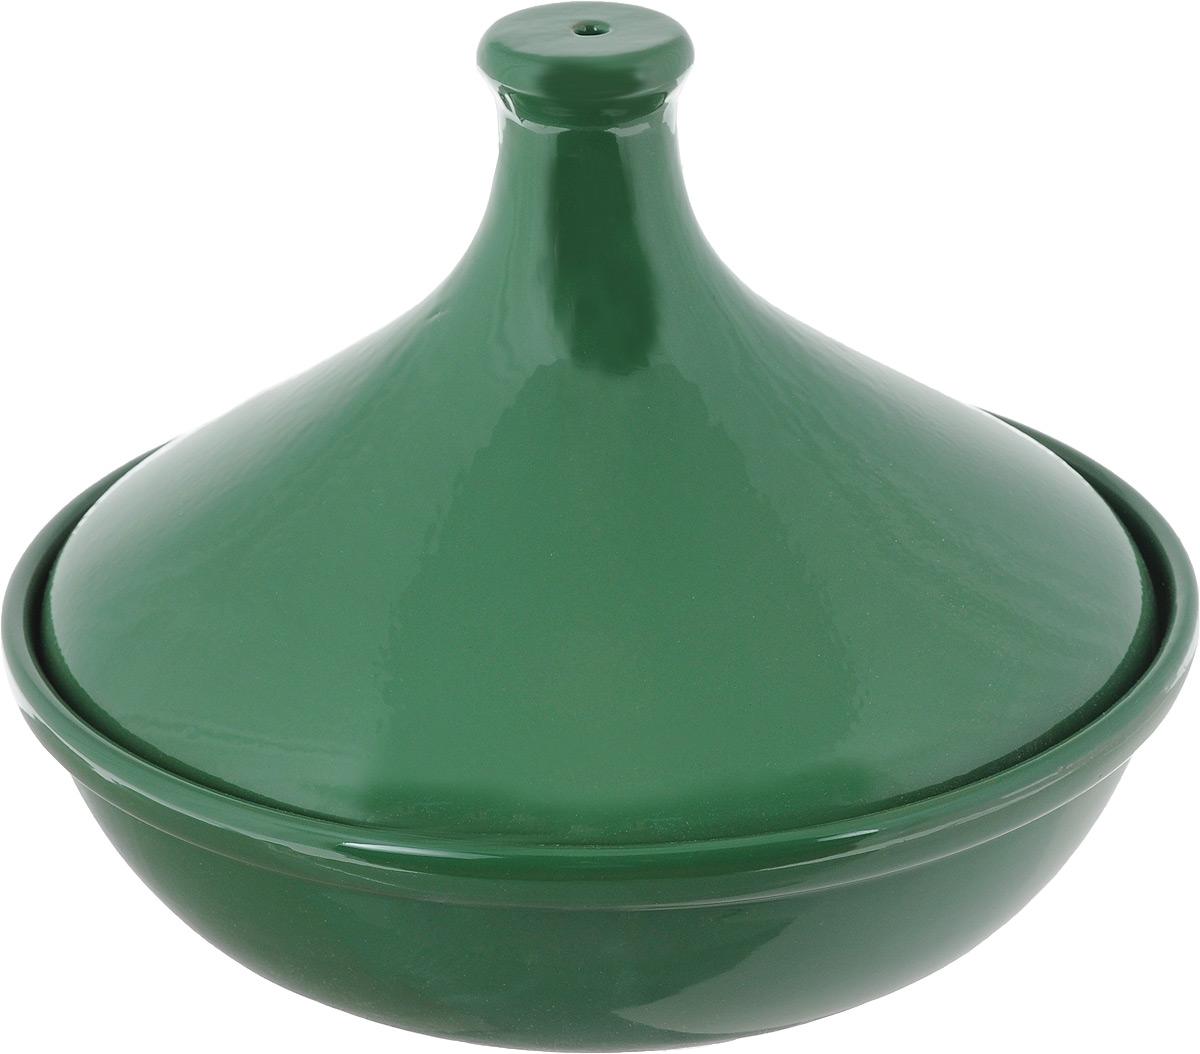 Тажин Борисовская керамика Радуга, цвет: зеленый, 1 л115510Тажин Борисовская керамика Радуга изготовлен извысококачественной жаропрочной керамики - полностьюнатурального материала (без примеси металлов),идеально подходящего для медленного и равномерногоприготовления пищи.Керамика гарантирует правильный здоровый подход ккулинарии: любые блюда получаются ароматными исохраняют все полезные вещества, не подвергаясьперепадам температур в процессе приготовления.Благодаря медленному распределению тепла, вкусы изапахи продуктов концентрируются и становятся болеенасыщенными. Керамическая посуда обладаетсвойством долго сохранять тепло после того, как блюдобыло снято с огня, и легко удерживать холод после того,как блюдо достали из холодильника.Благодаря конусообразной форме крышки, пар,поднимающийся от готовящегося блюда, многократноконденсируется в верхней ее части и спускается вниз,поэтому мясо, рыба и овощи становятся очень нежнымии приобретают особый вкус. Доверьтесь интуиции иинстинктам, как это делают марокканцы, и создайте свойсобственный рецепт тажина! Диаметр по верхнему краю: 21,5 см. Высота стенки тажина (без учета крышки): 6 см.Высота (с учетом крышки): 16 см.